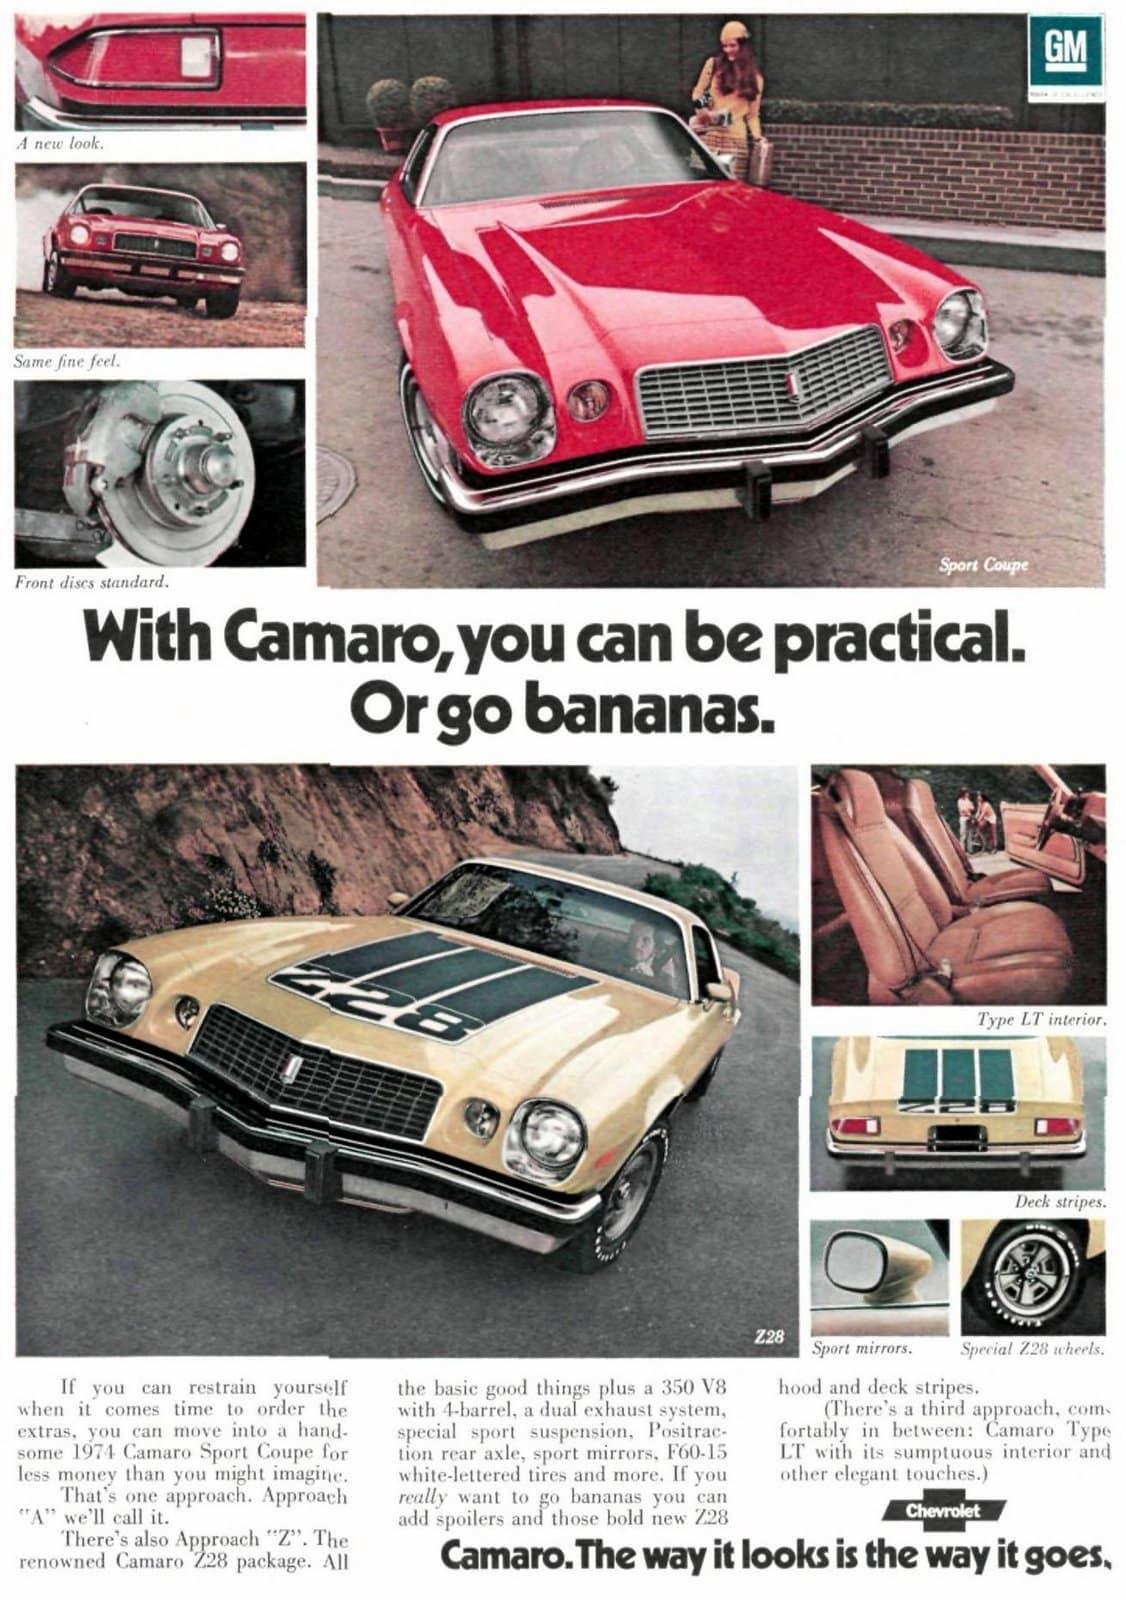 Classic 1974 Camaro